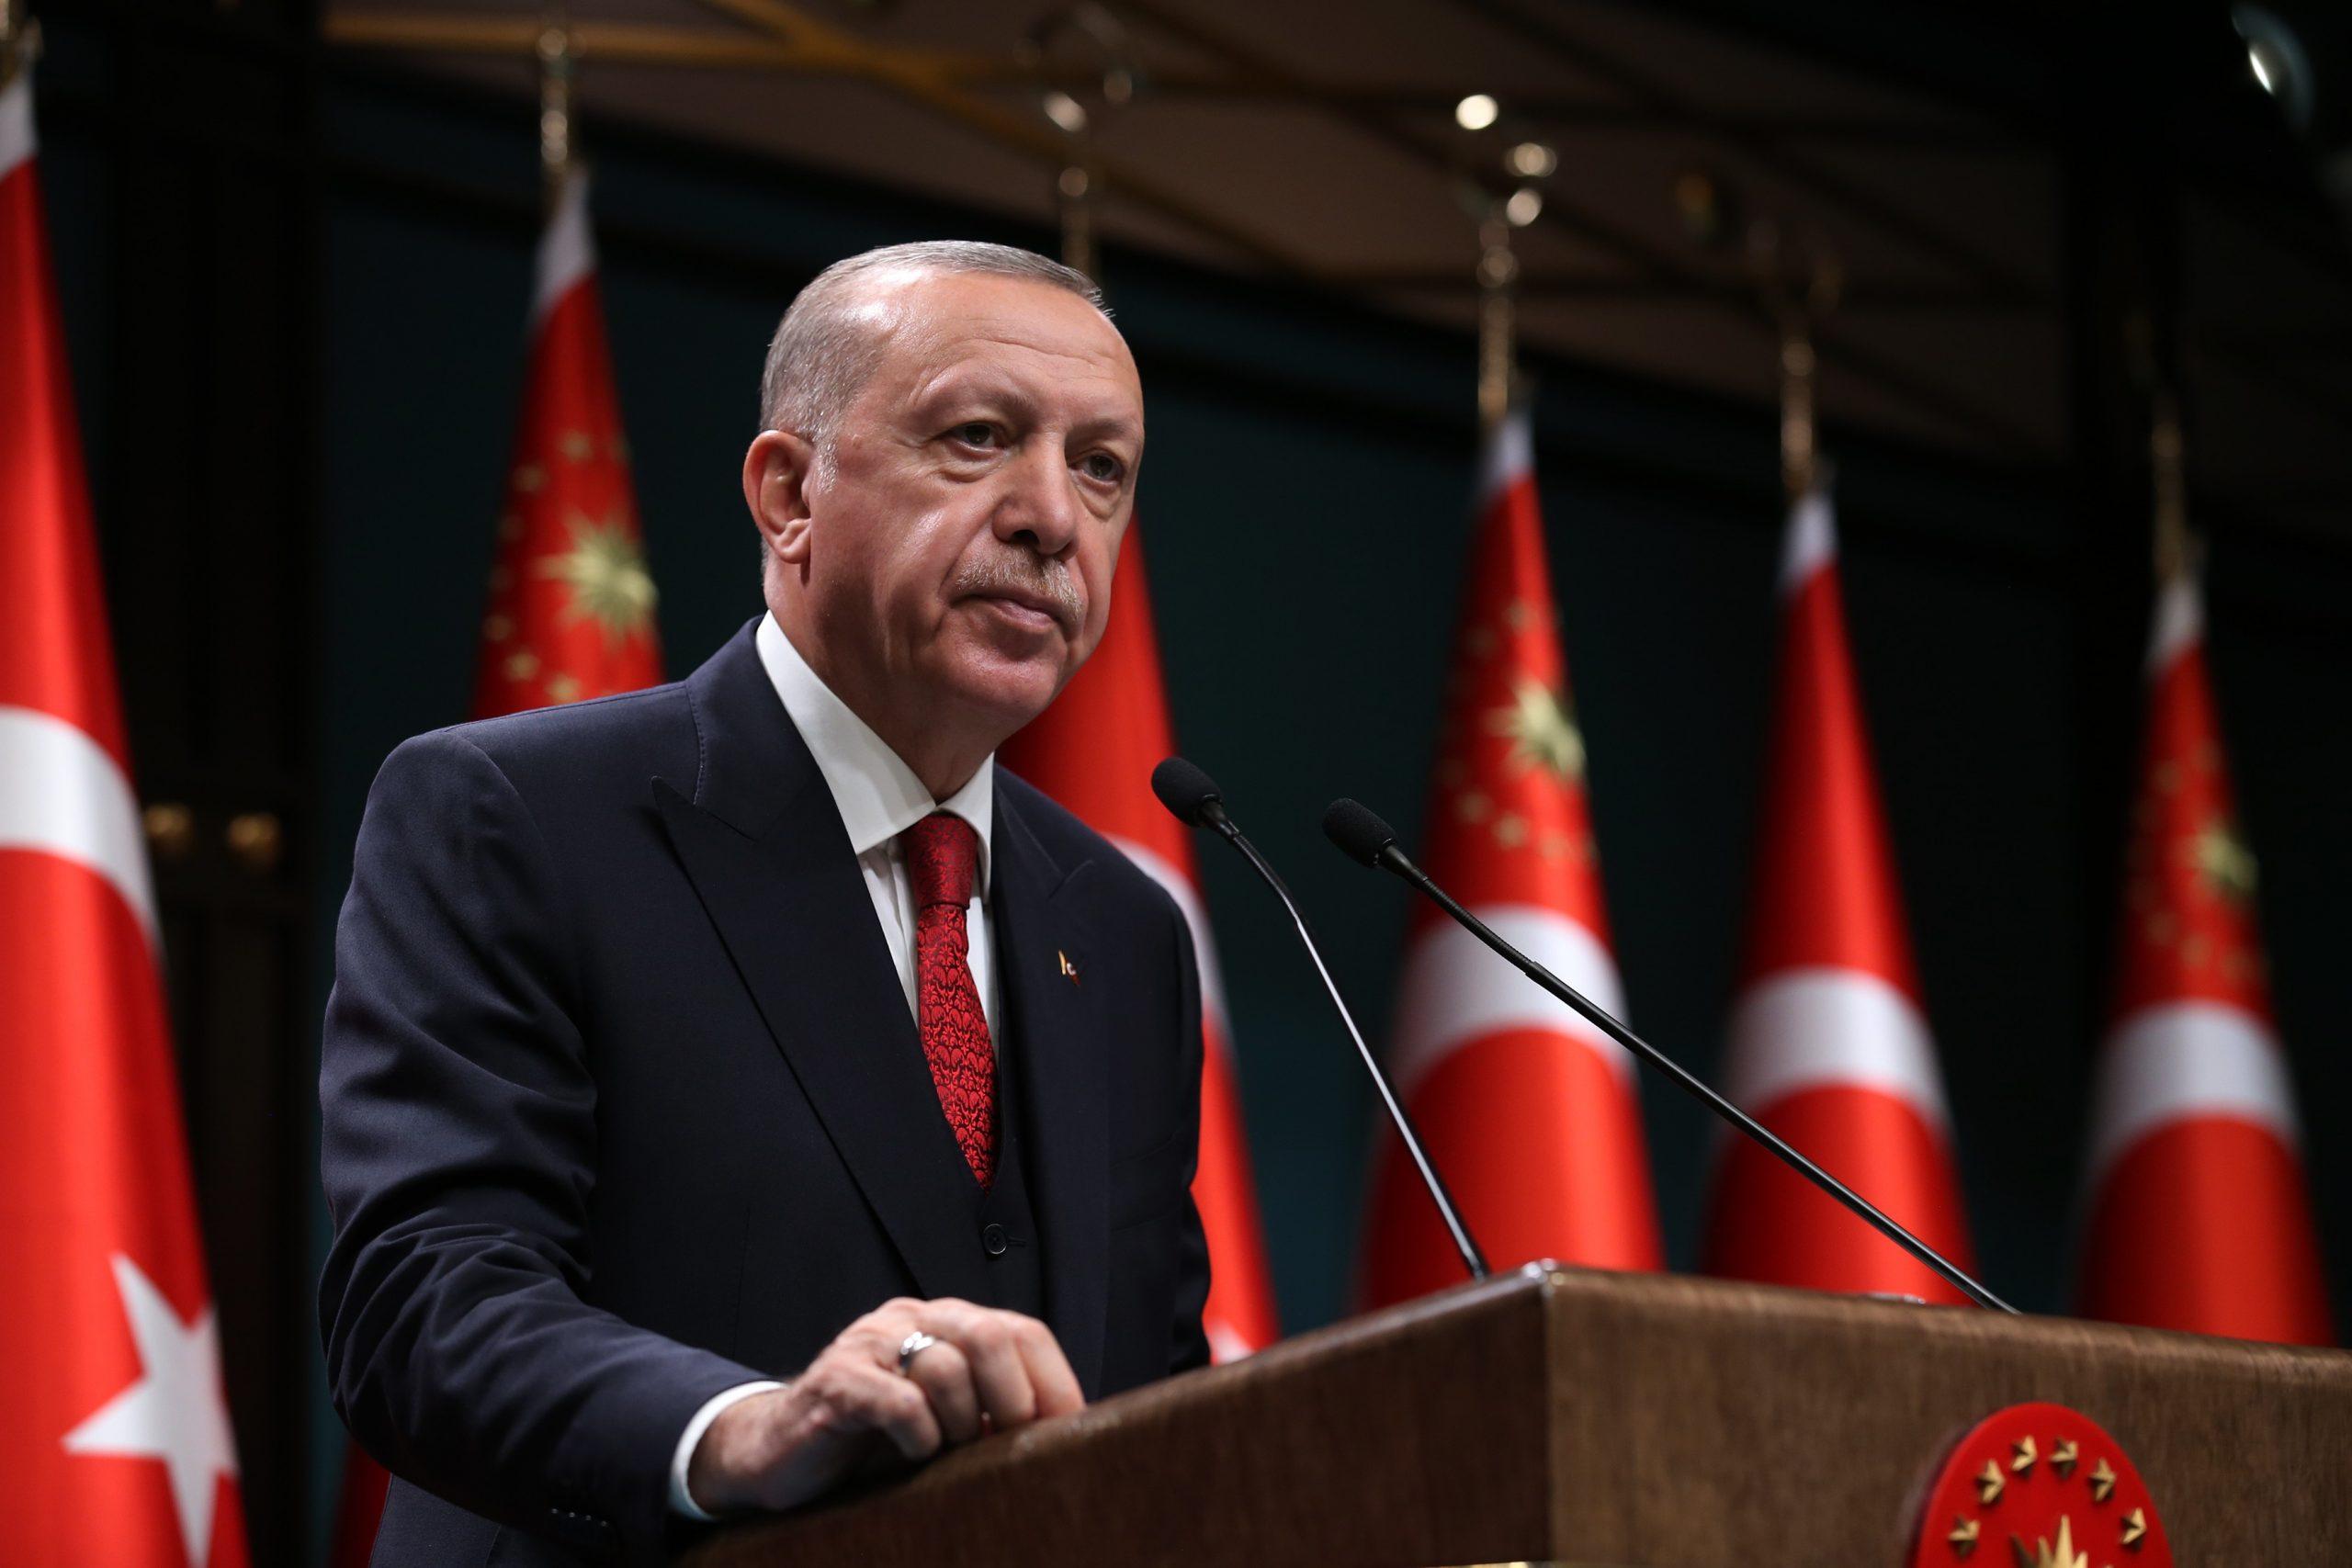 Erdoğan'dan 'Boğaziçi' açıklaması: Siz öğrenci misiniz yoksa terörist misiniz?